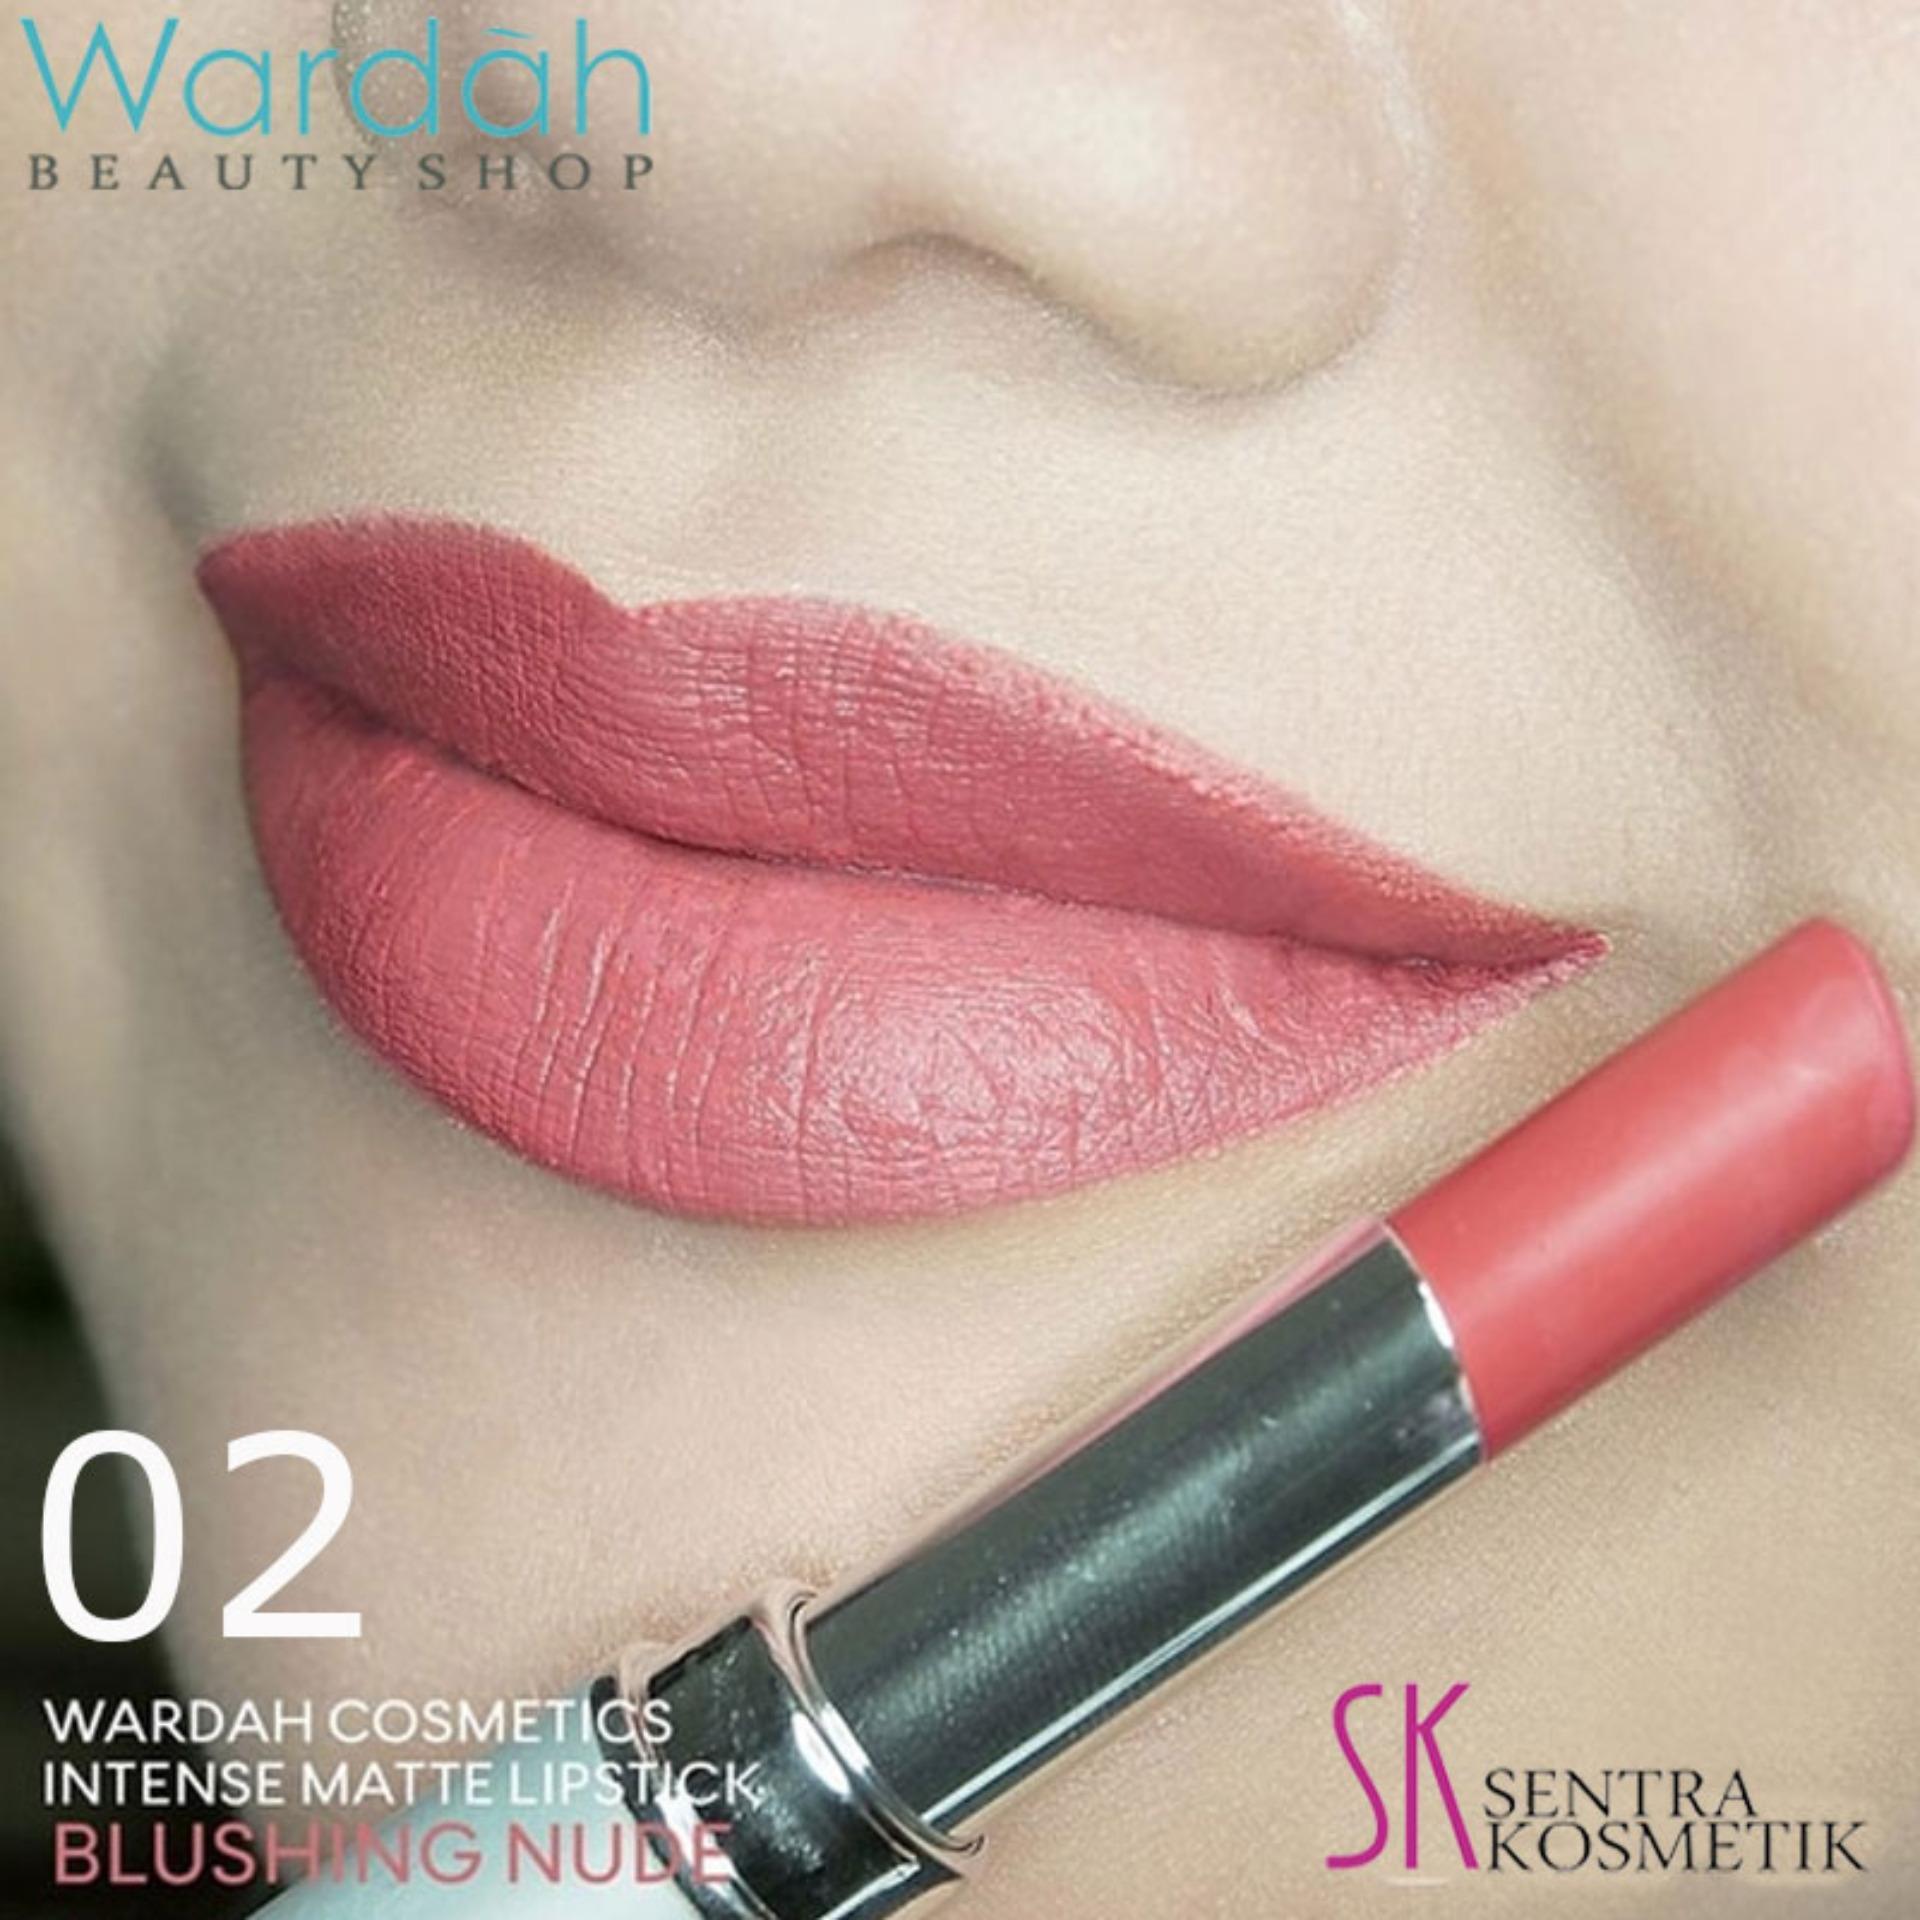 Wardah INTENSE Matte Lipstick 02 Blushing Nude